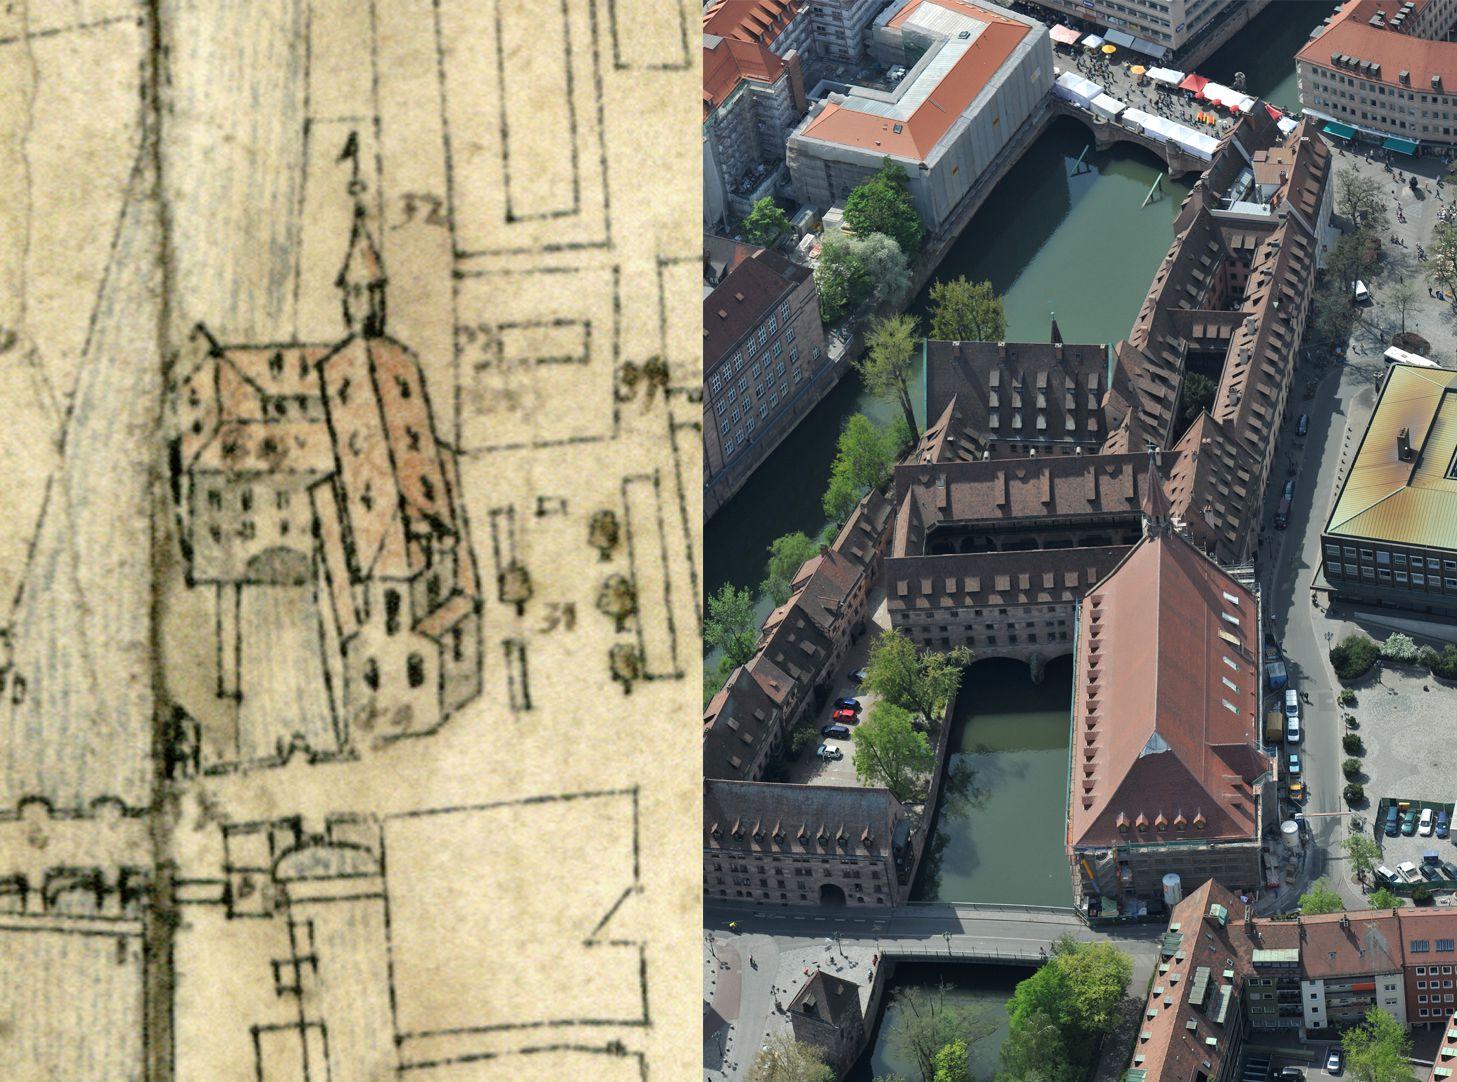 Steilaufsicht von Osten Gegenüberstellung Bien und Luftfoto (Heilig-Geist-Spital und -Kirche)